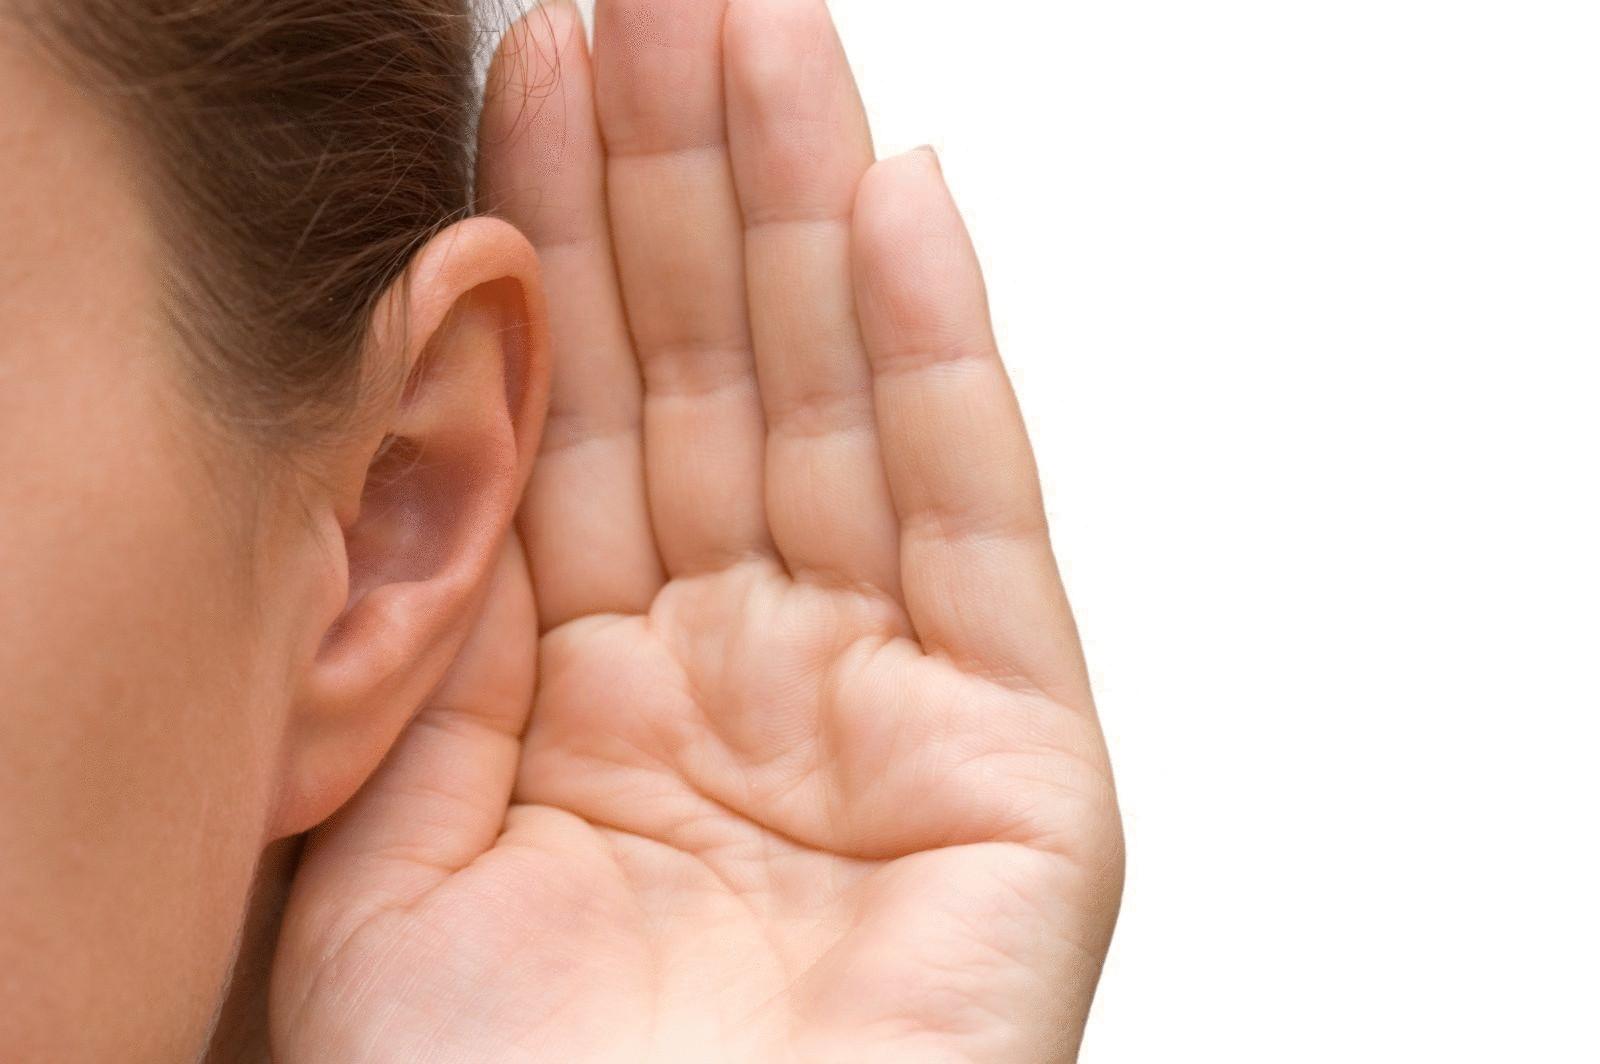 проверенный приворот свист в левом ухе долгое время причина светодиода